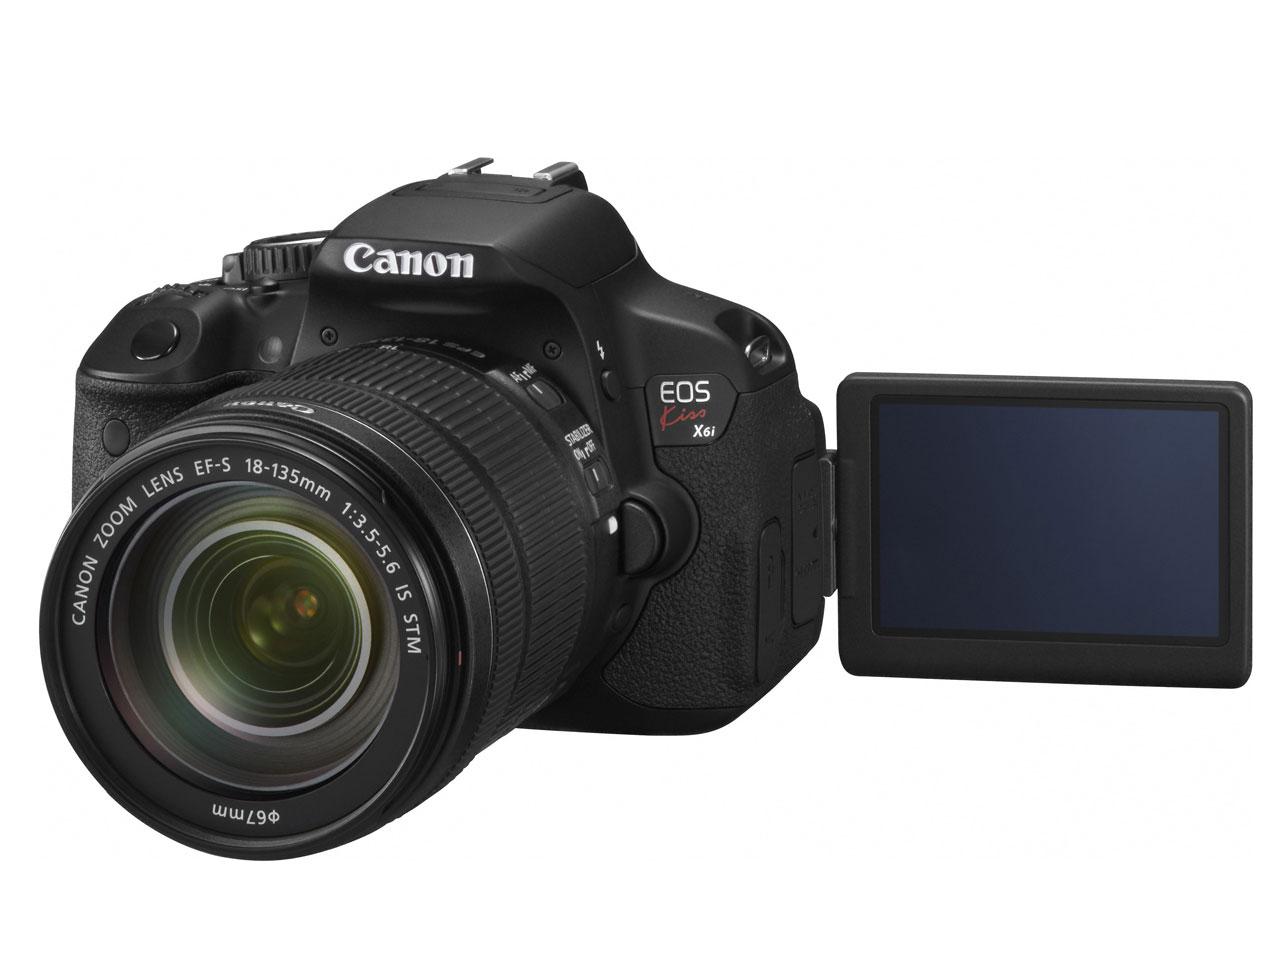 【アウトレット 展示品】Canon / キヤノン デジタル一眼レフカメラ EOS Kiss X6i EF-S18-135 IS STM レンズキット